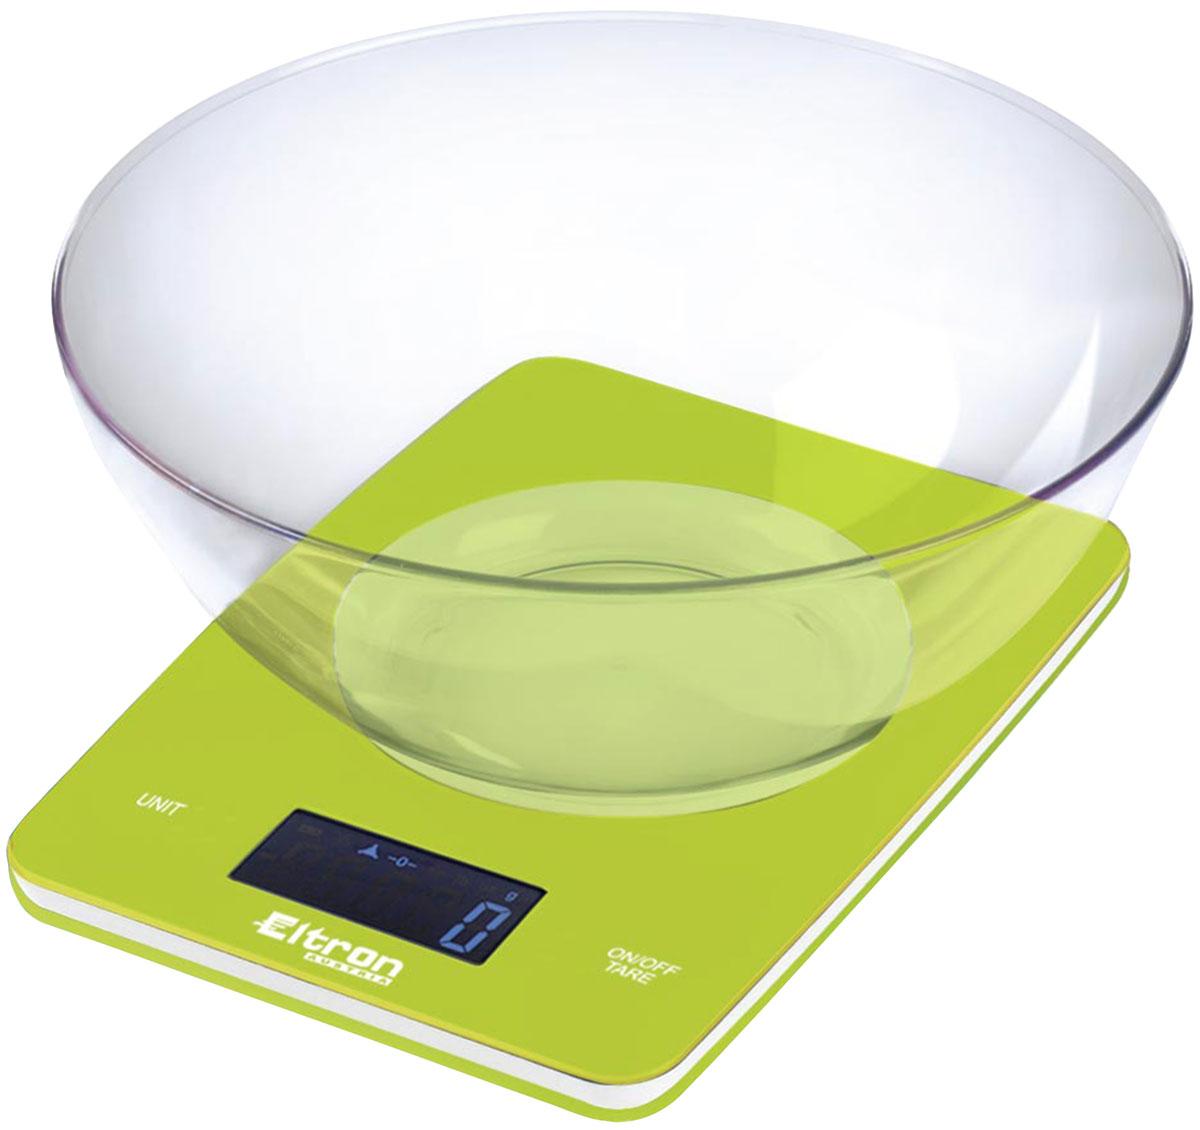 Весы кухонные Eltron, электронные, цвет: зеленый, до 5 кг. 9263EL9263ELЭлектронные кухонные весы. Современный дизайн. Двухкнопочный механизм. ЖК-дисплей. Съемная прозрачная чаша. Максимальный вес - 5 кг. Показывает вес в унциях, фунтах, гр, мл. 1х 3В батарея входит в комплект.